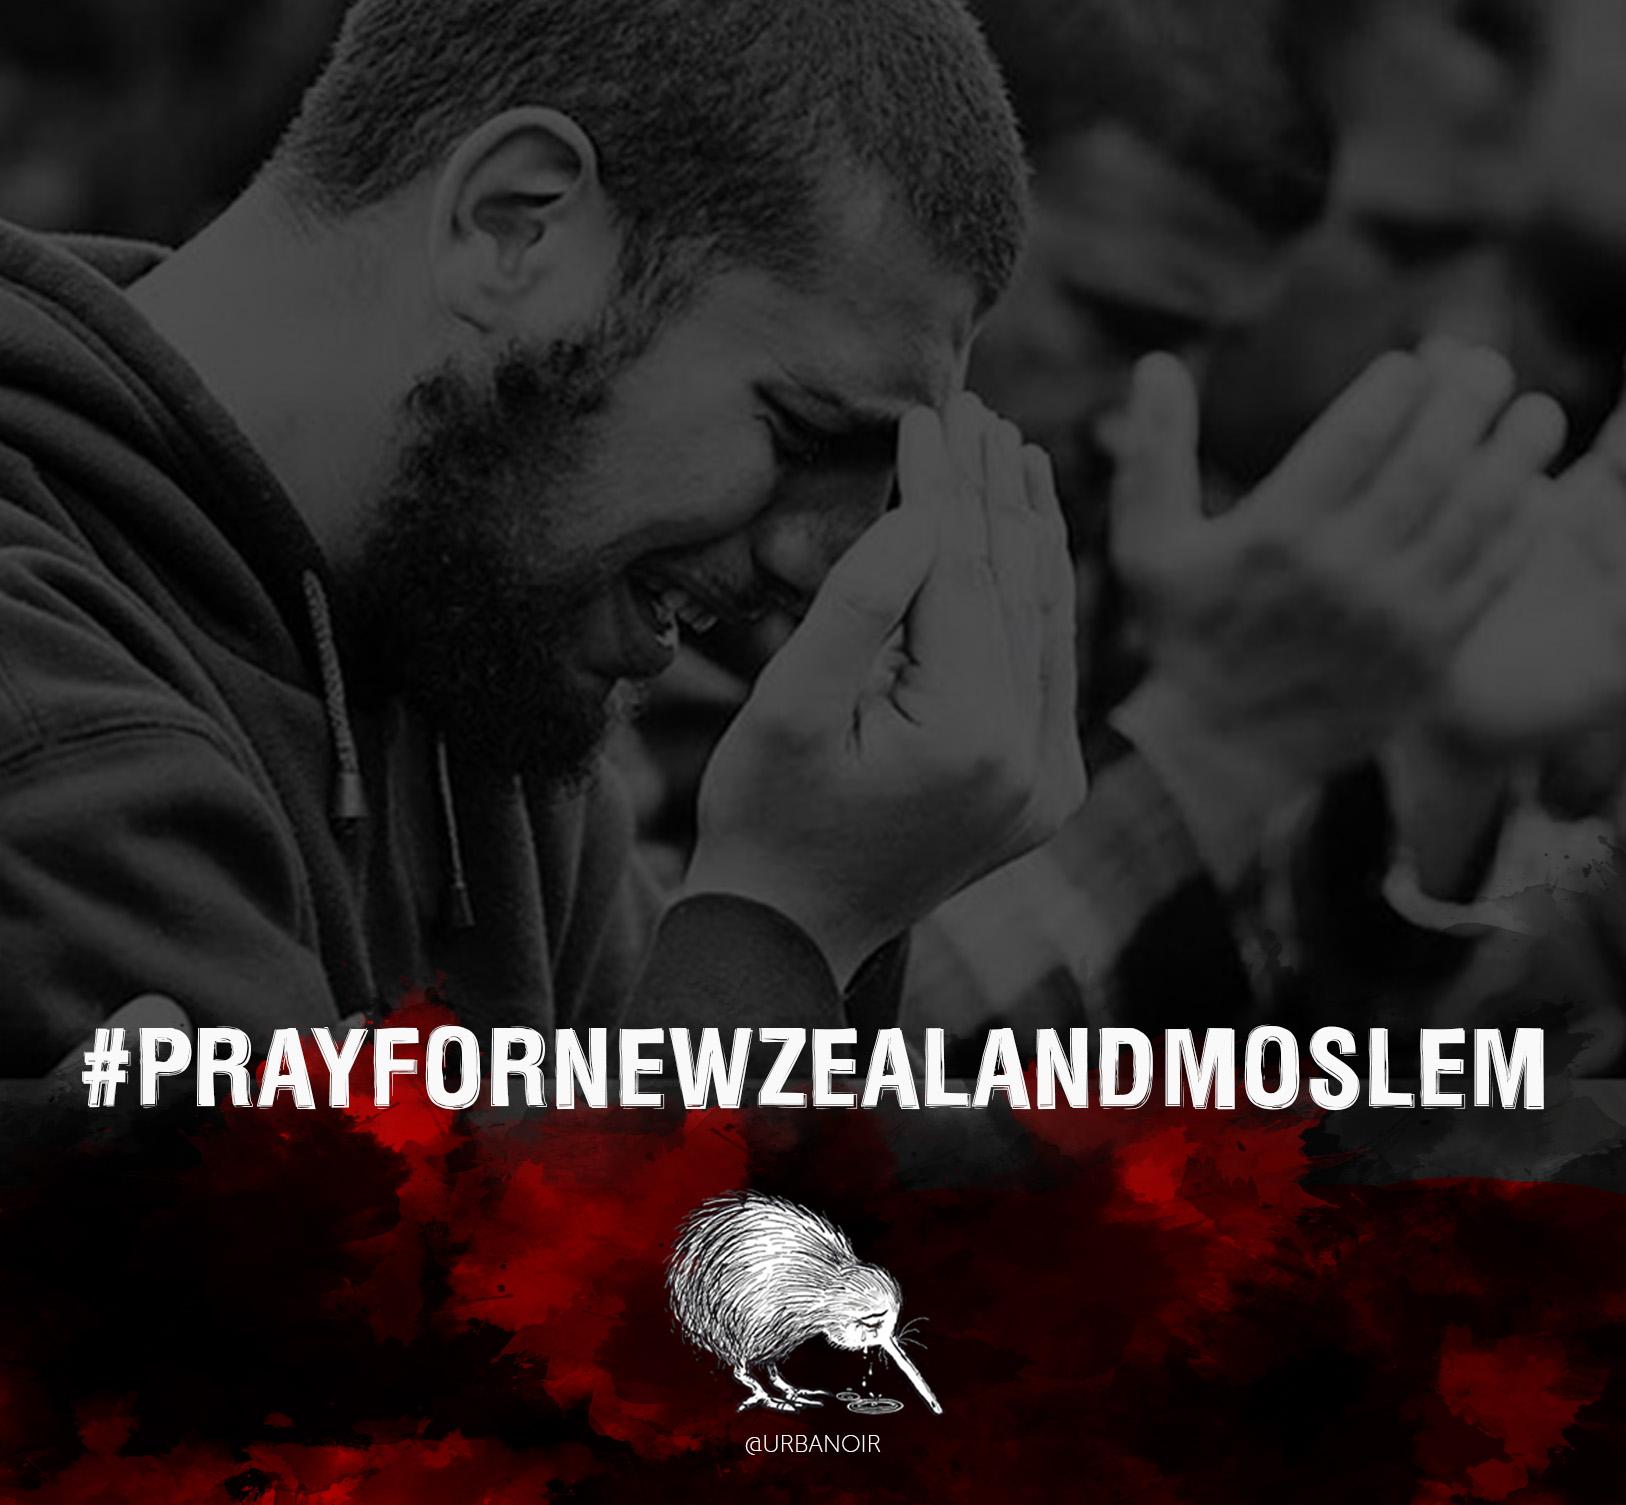 #PrayForNewZealandMoslem